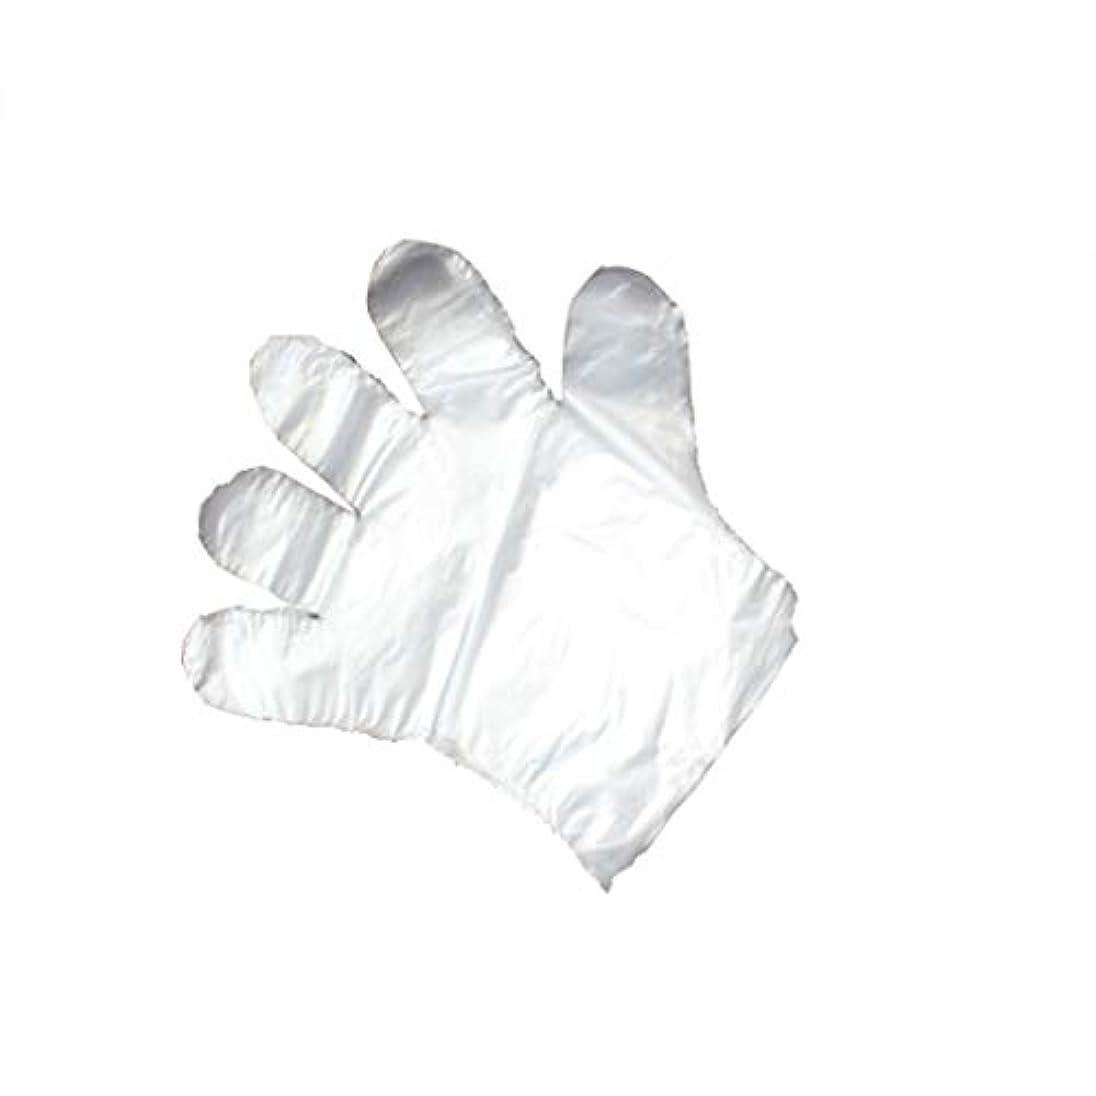 解釈するエンドウ郡手袋、使い捨て手袋、透明な肥厚、美しさ、家庭掃除、手袋、白、透明、5パック、500袋。 (UnitCount : 1000)